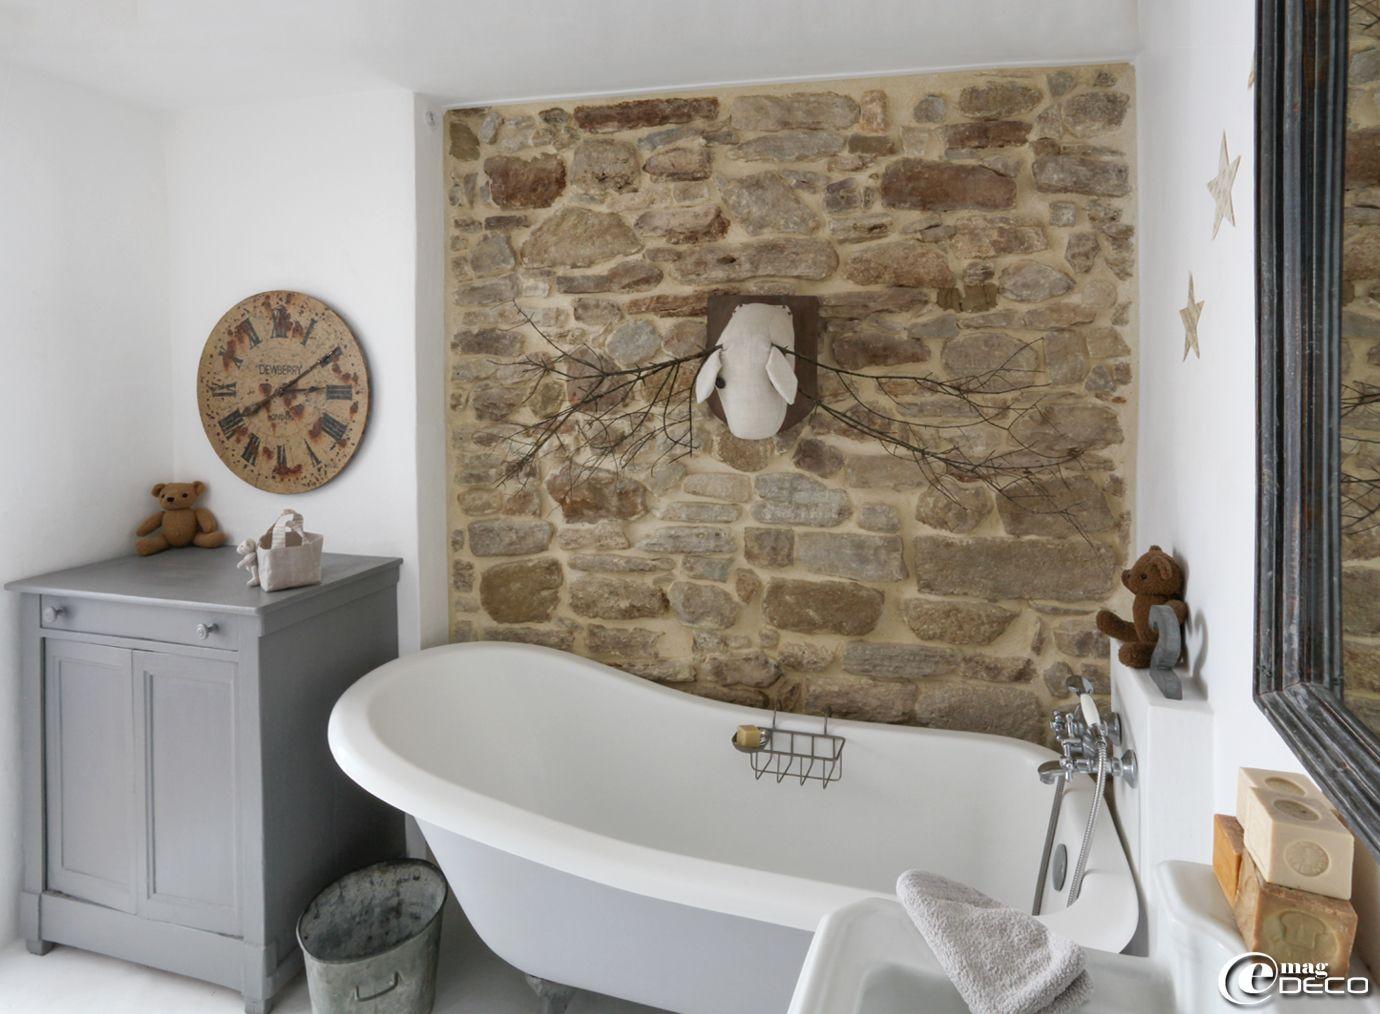 Dans une salle de bains, une vieux buffet peint en gris sert ...